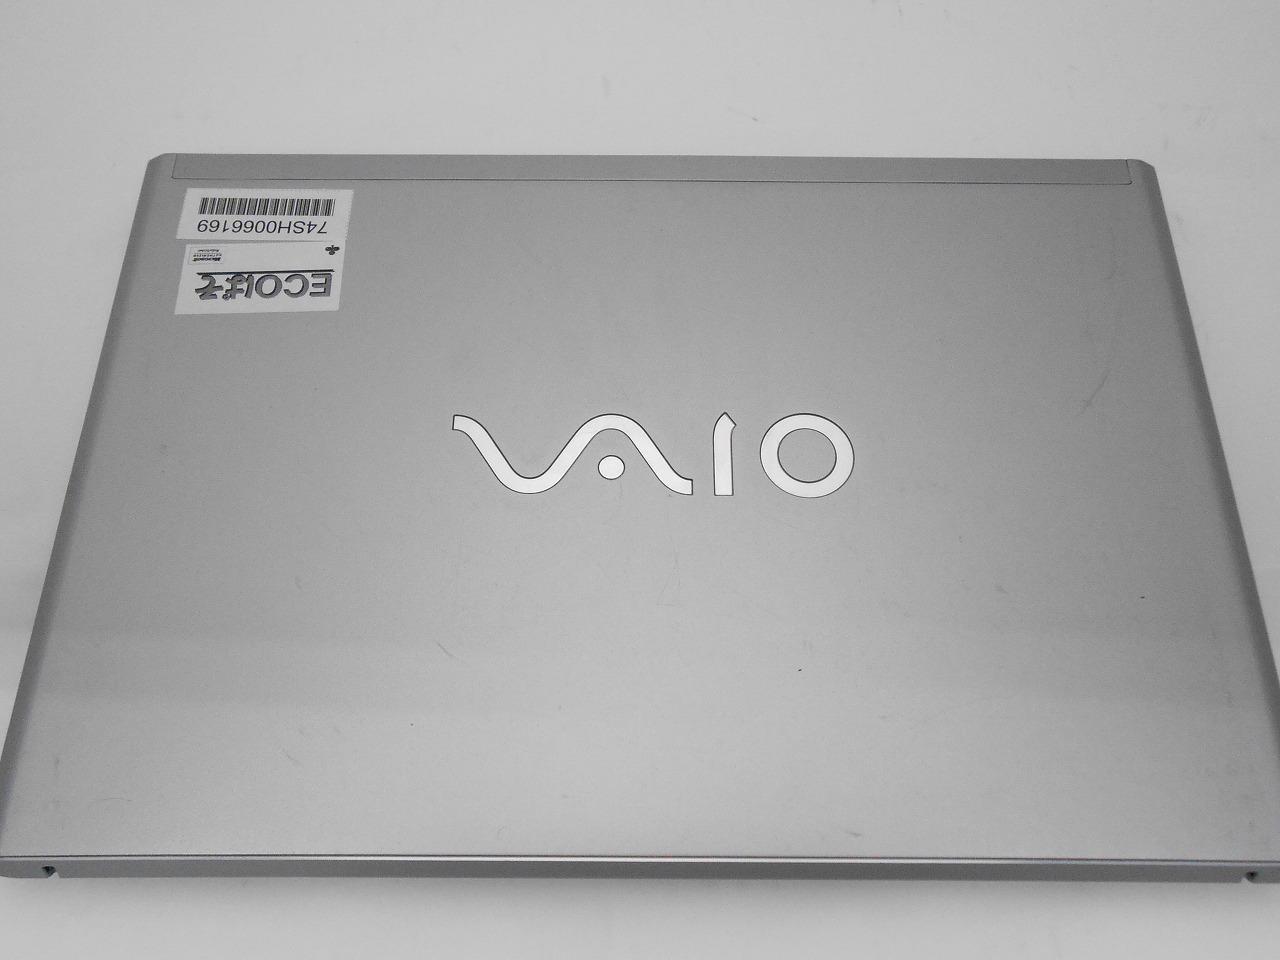 【決算セール】【中古】VAIO VJS1311/2016年モデル/Corei7 6500U 2.5GHz/メモリ16GB/SSD512GB/13インチ/Windows10Home【3ヶ月保証】【足立店発送】